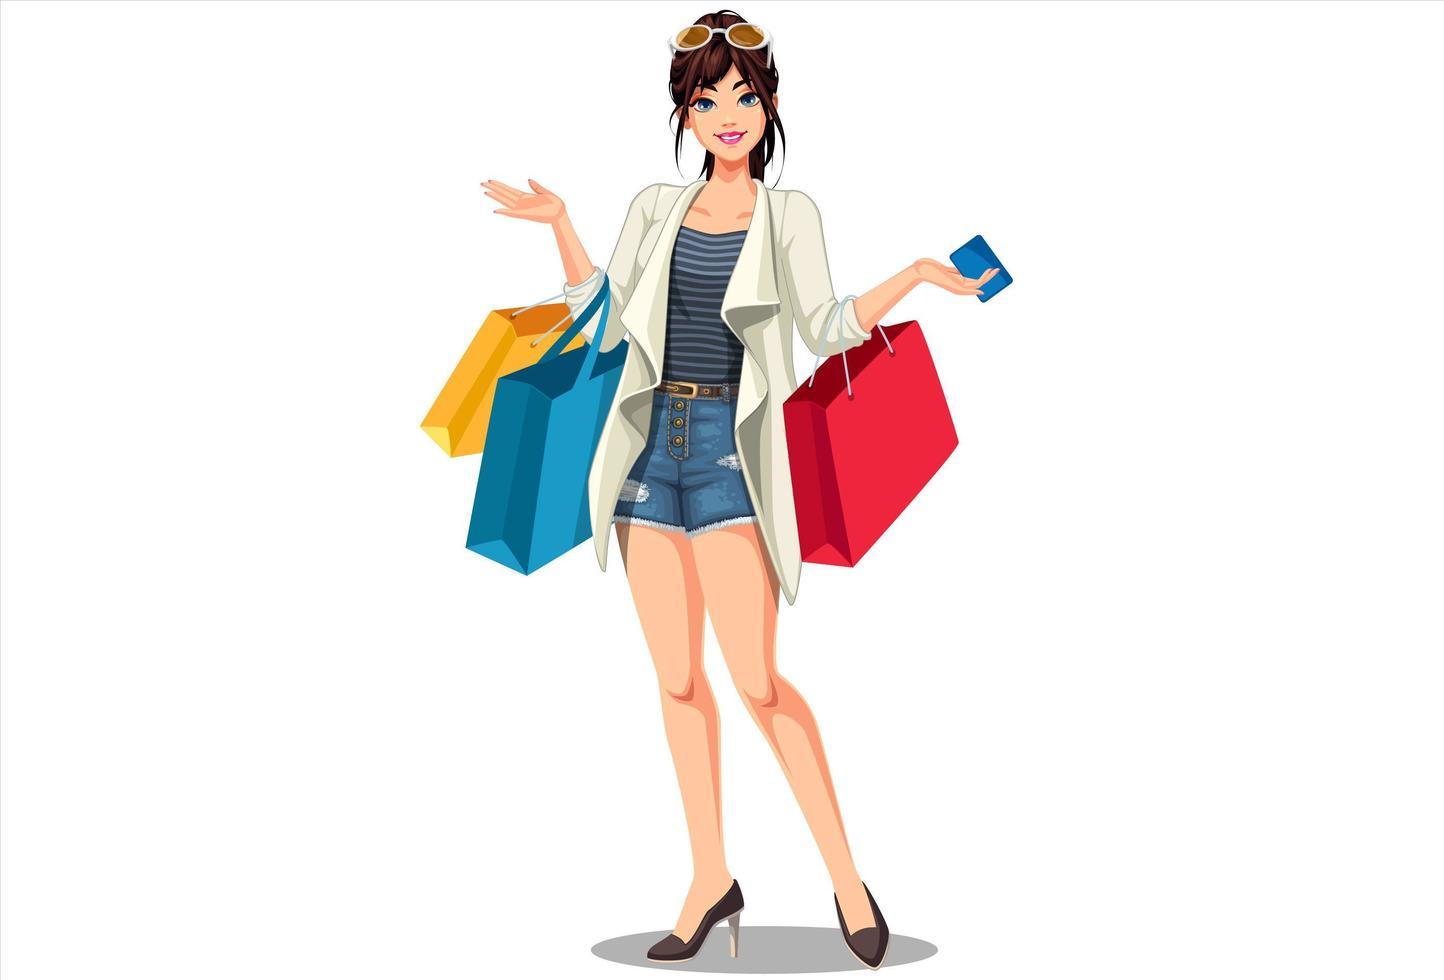 giovani belle donne dello shopping vettore